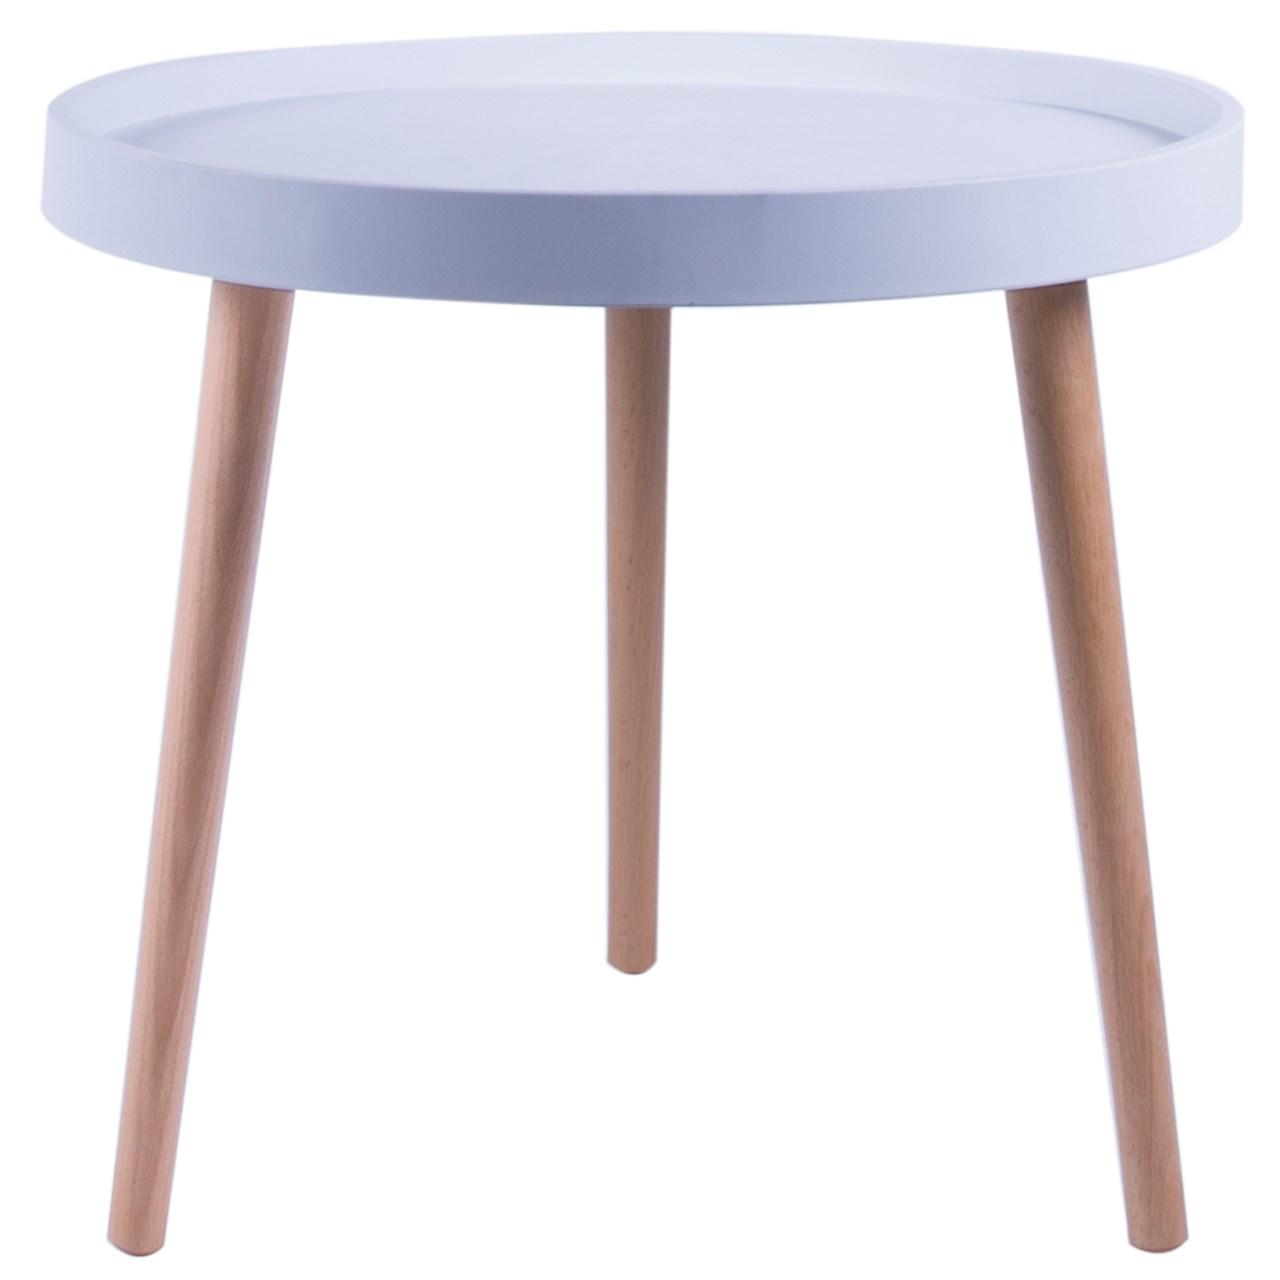 میز عسلی کروماتیک مدل Wood Legs